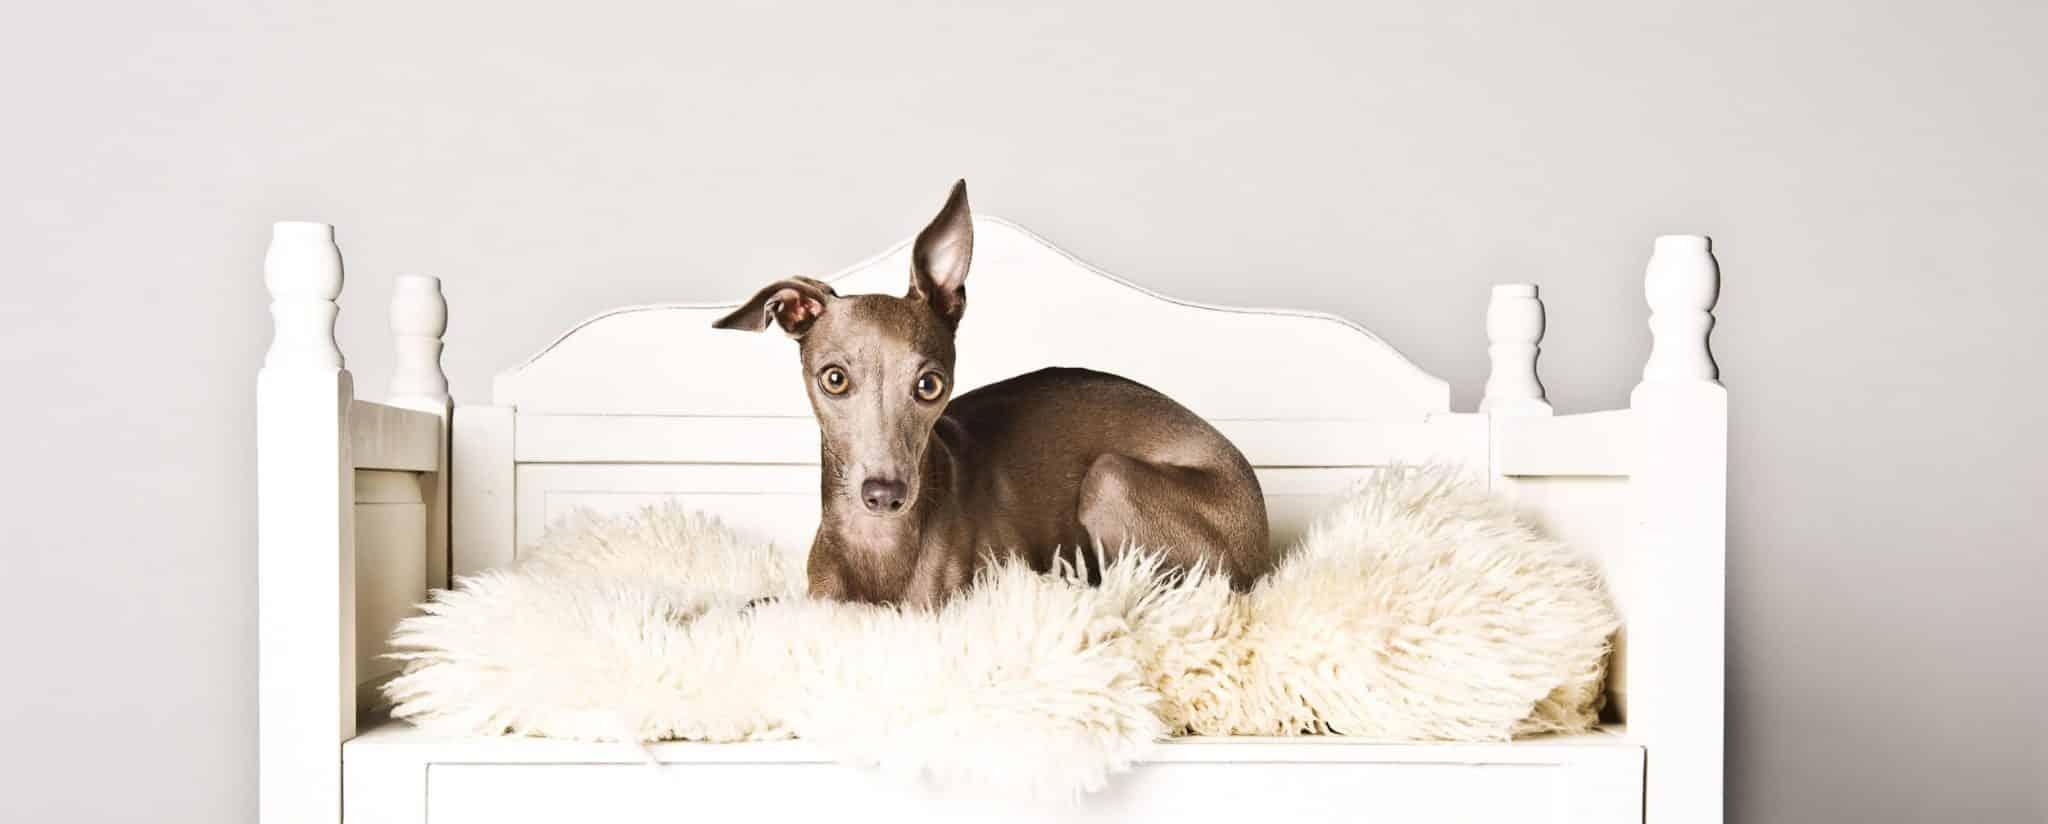 aufmerksamer Hund auf Schafsfell Studiofotografie